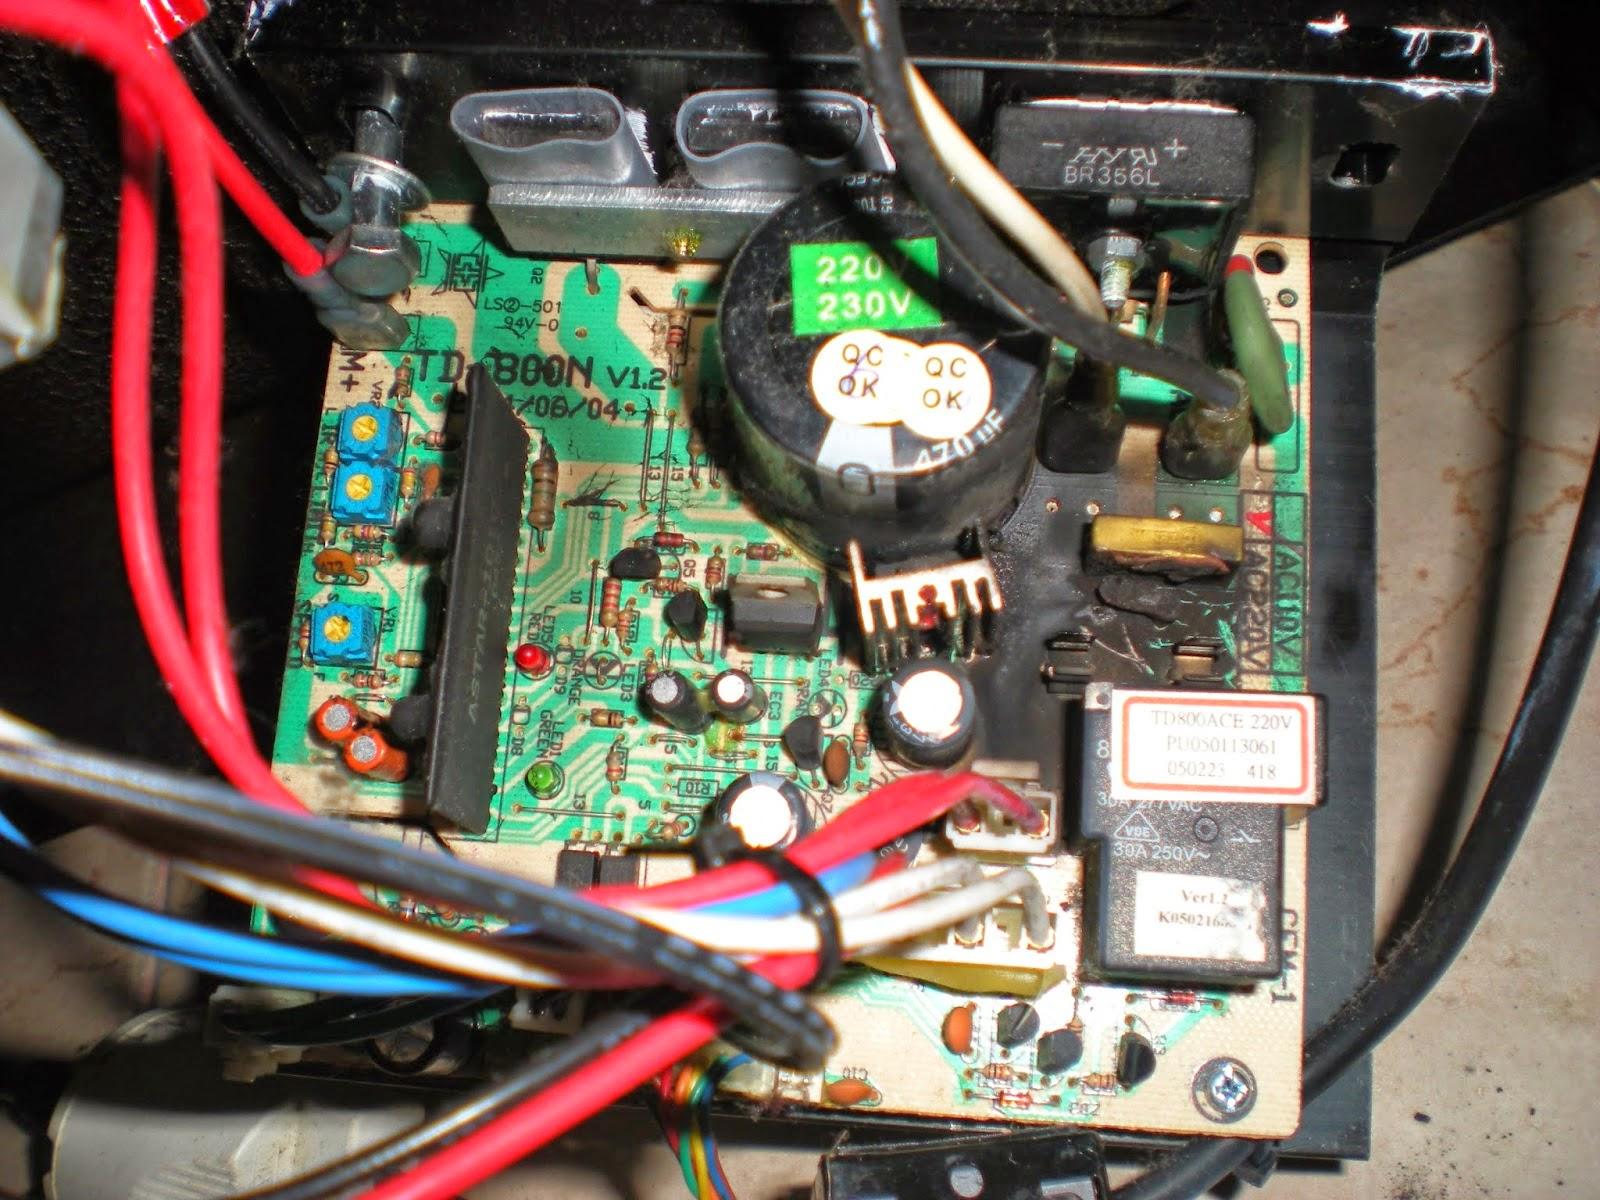 medium resolution of domyos tc 530 treadmill motor board